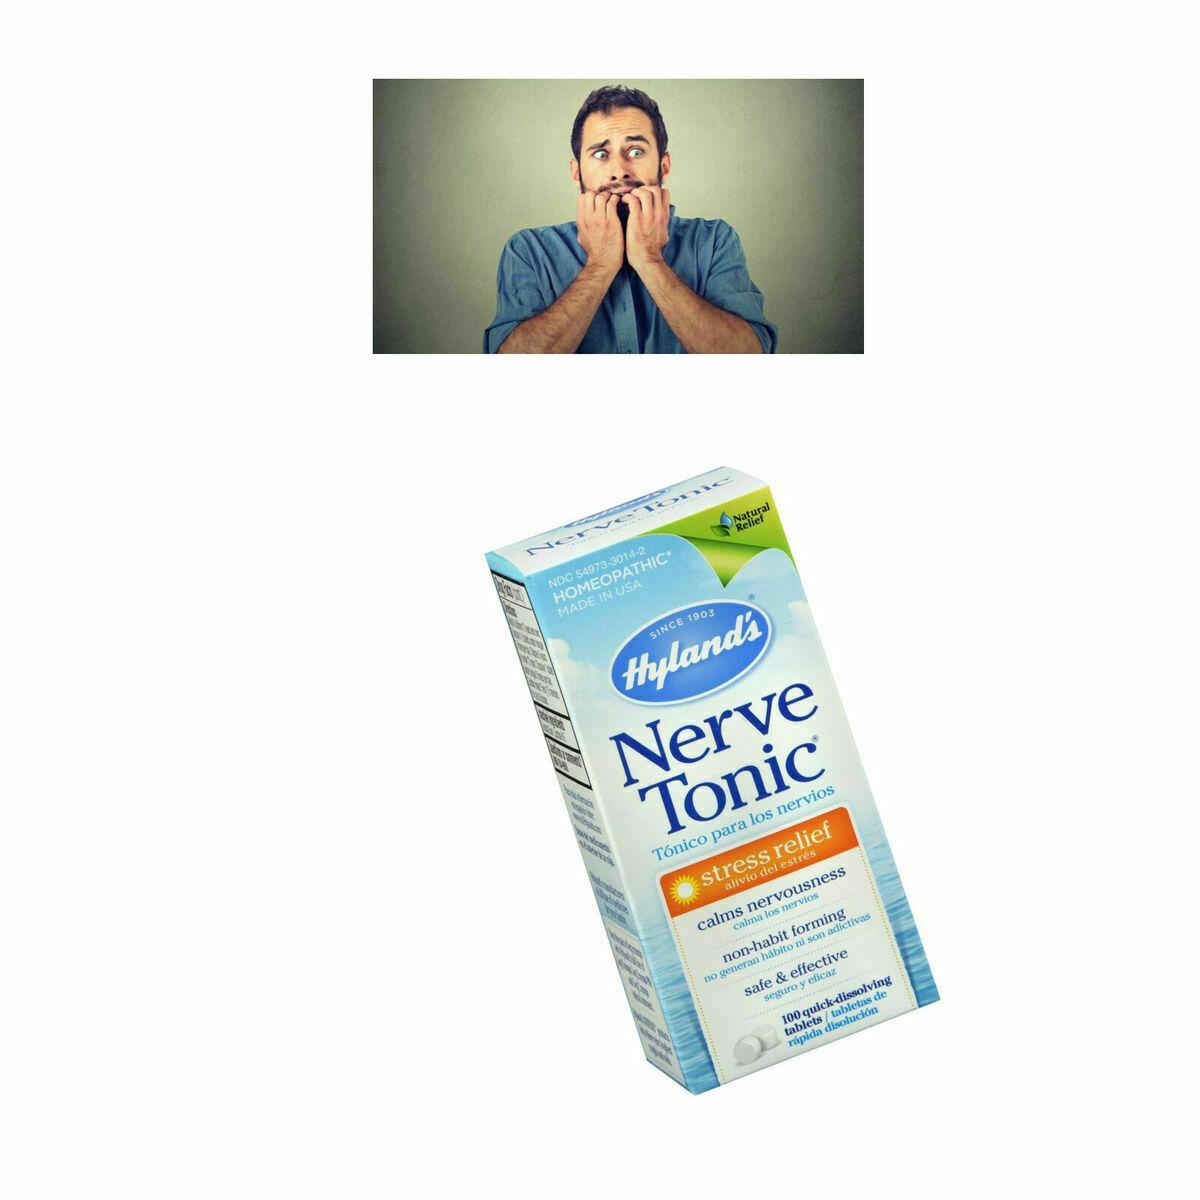 Pastillas Para Los Nervios Tratamiento Anti Estres Suplementos Aliviar Ansiedad 4